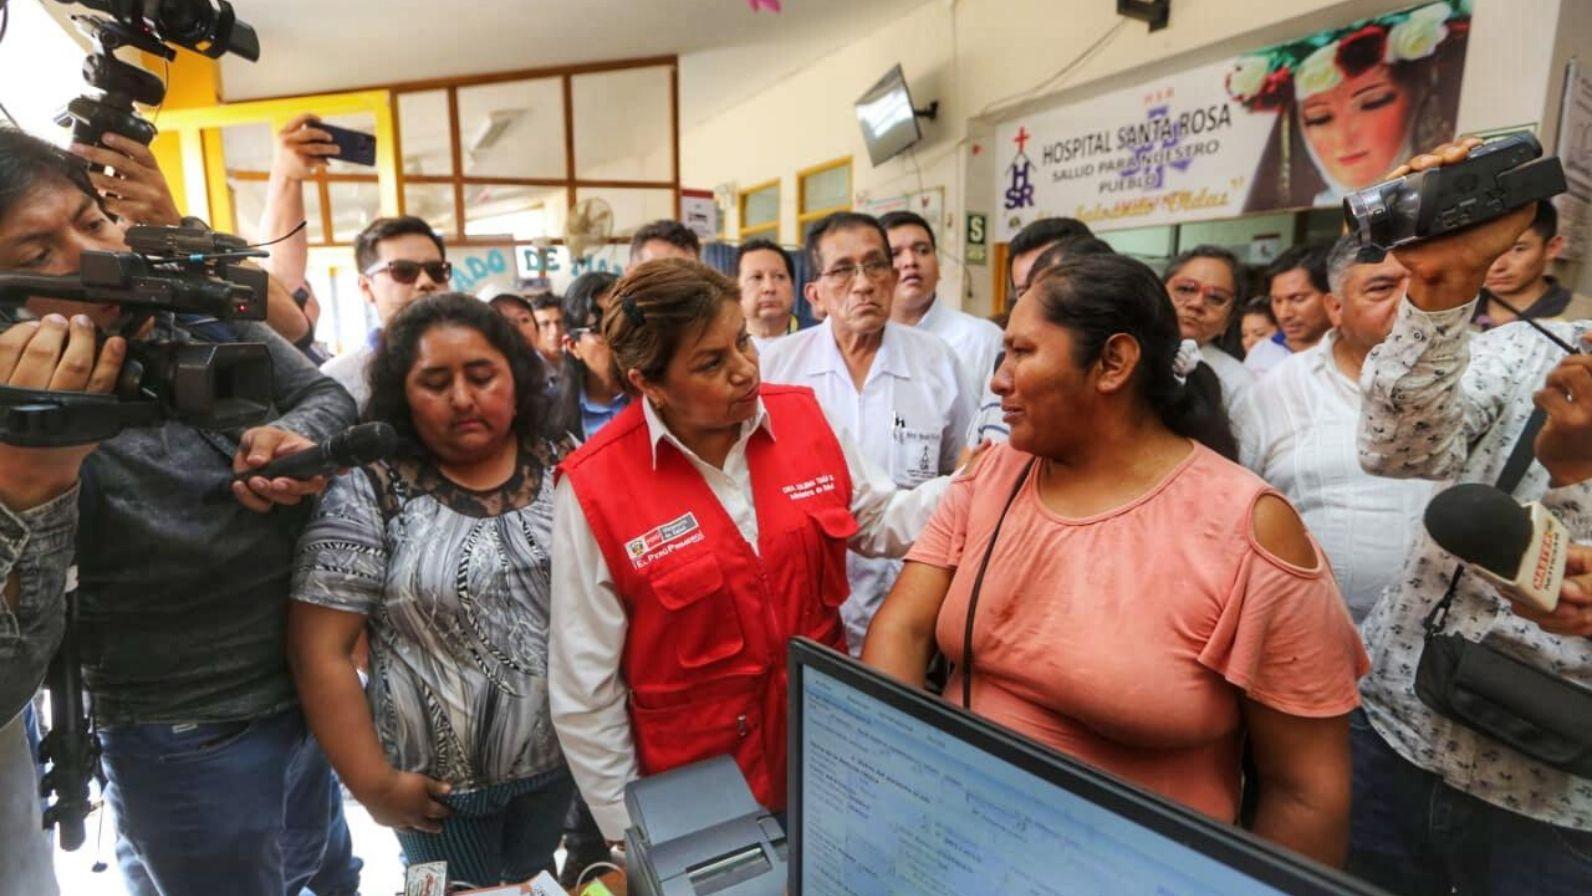 Minsa gestiona futura construcción del nuevo hospital Santa Rosa de Madre de Dios - Radio Nacional del Perú